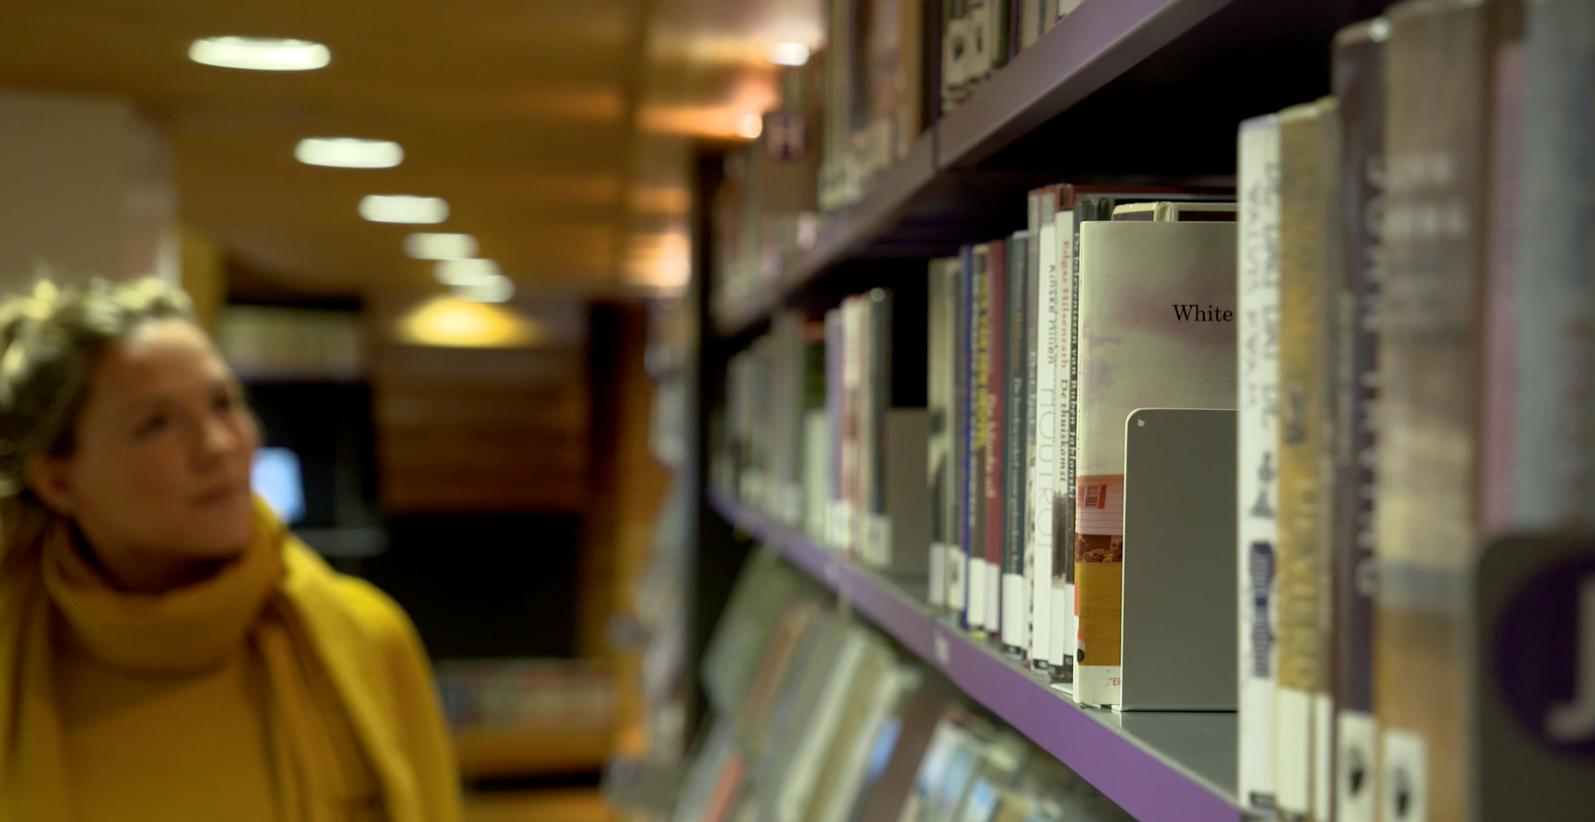 Inge Brokerhof in de bibliotheek.